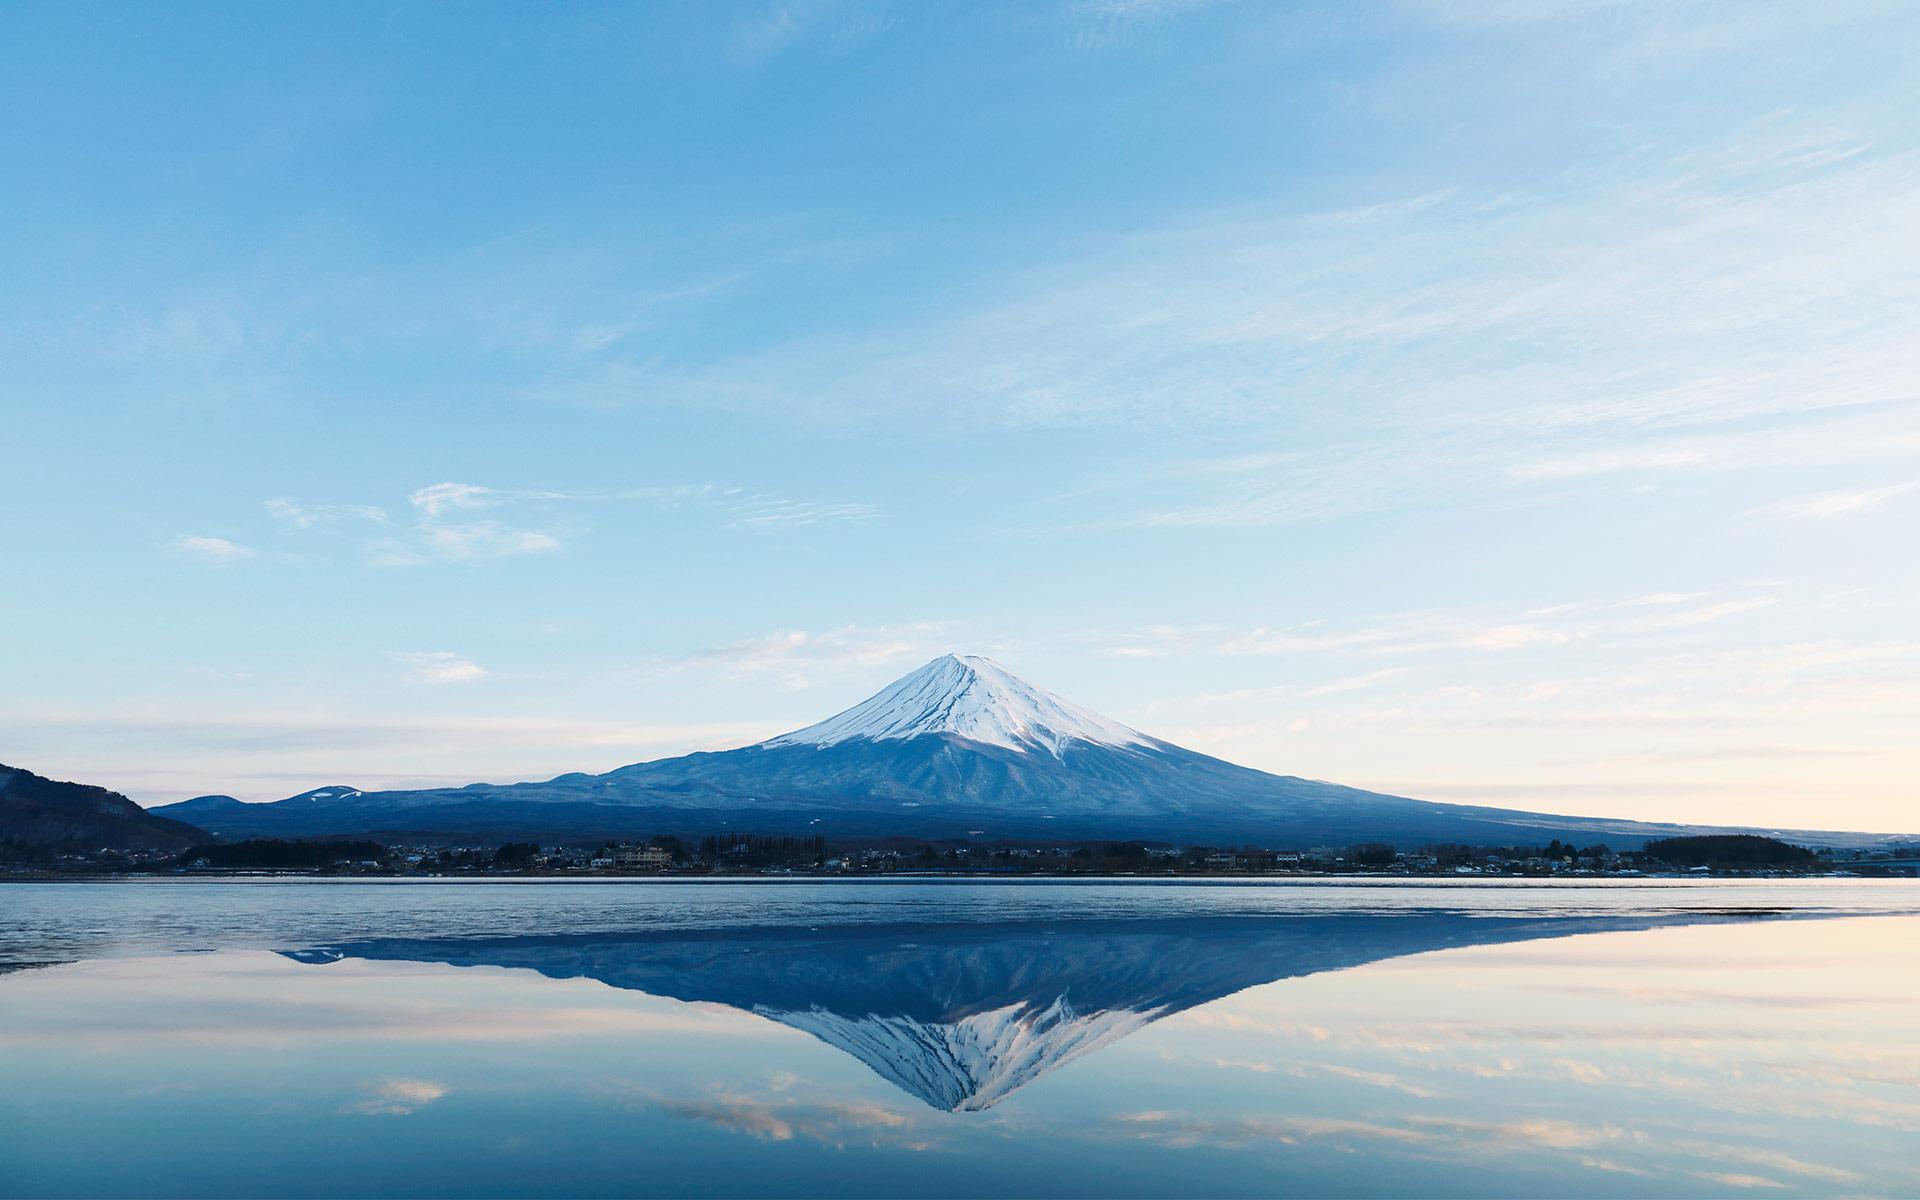 来自富士山上的硕果,与世界共享